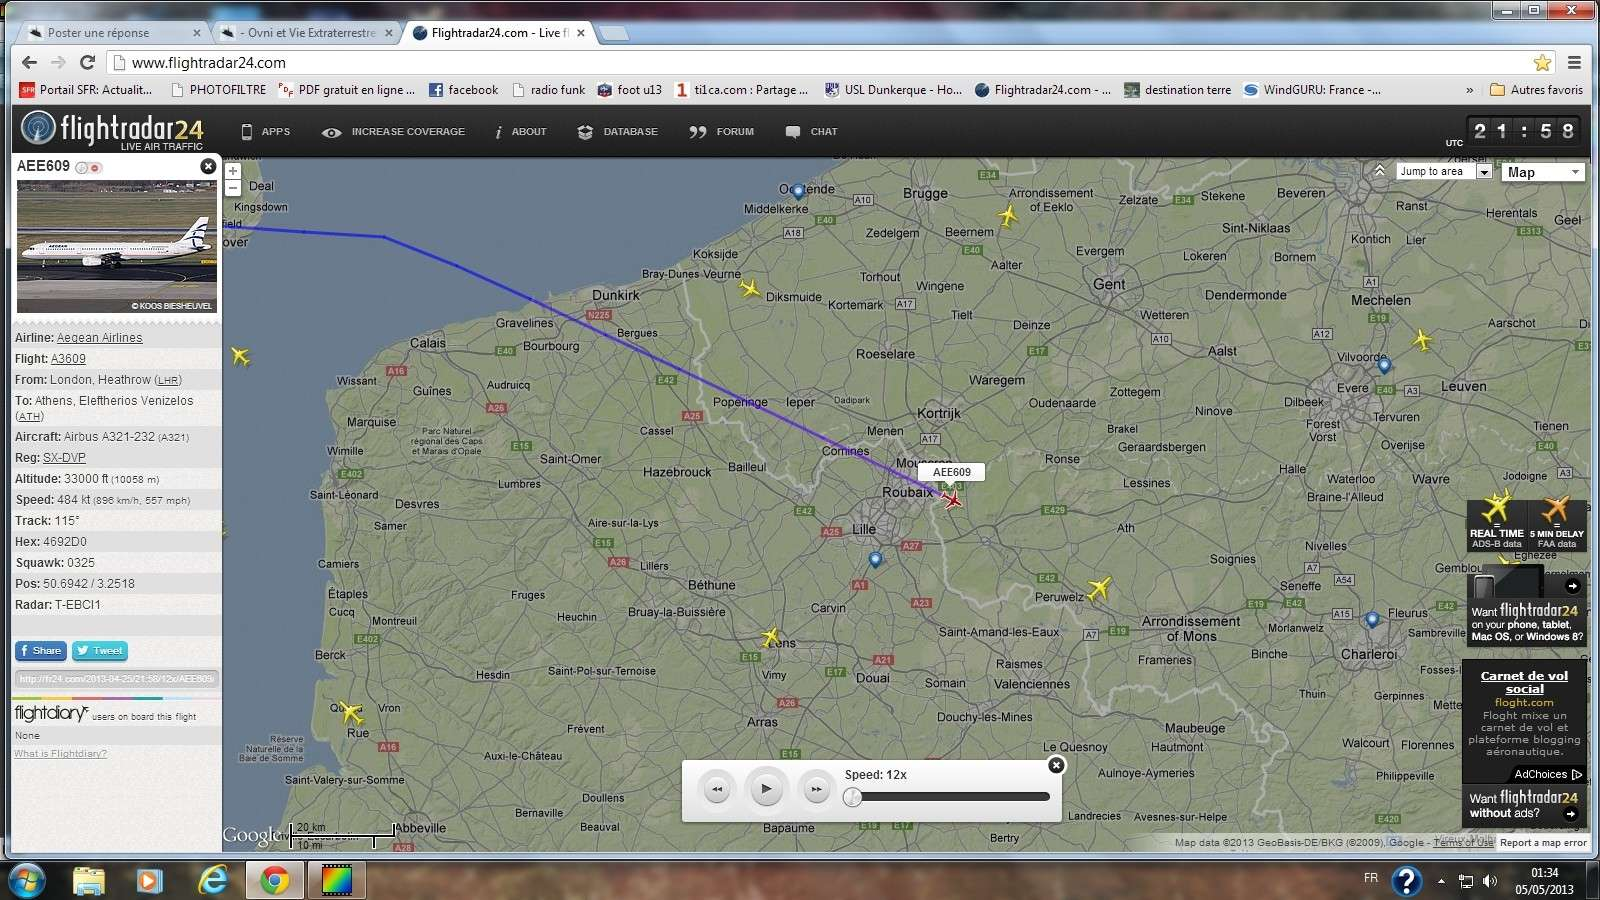 2013: le 26/04Lumière étrange dans le ciel  - Dunkerque (France)  - Page 2 Avion_12